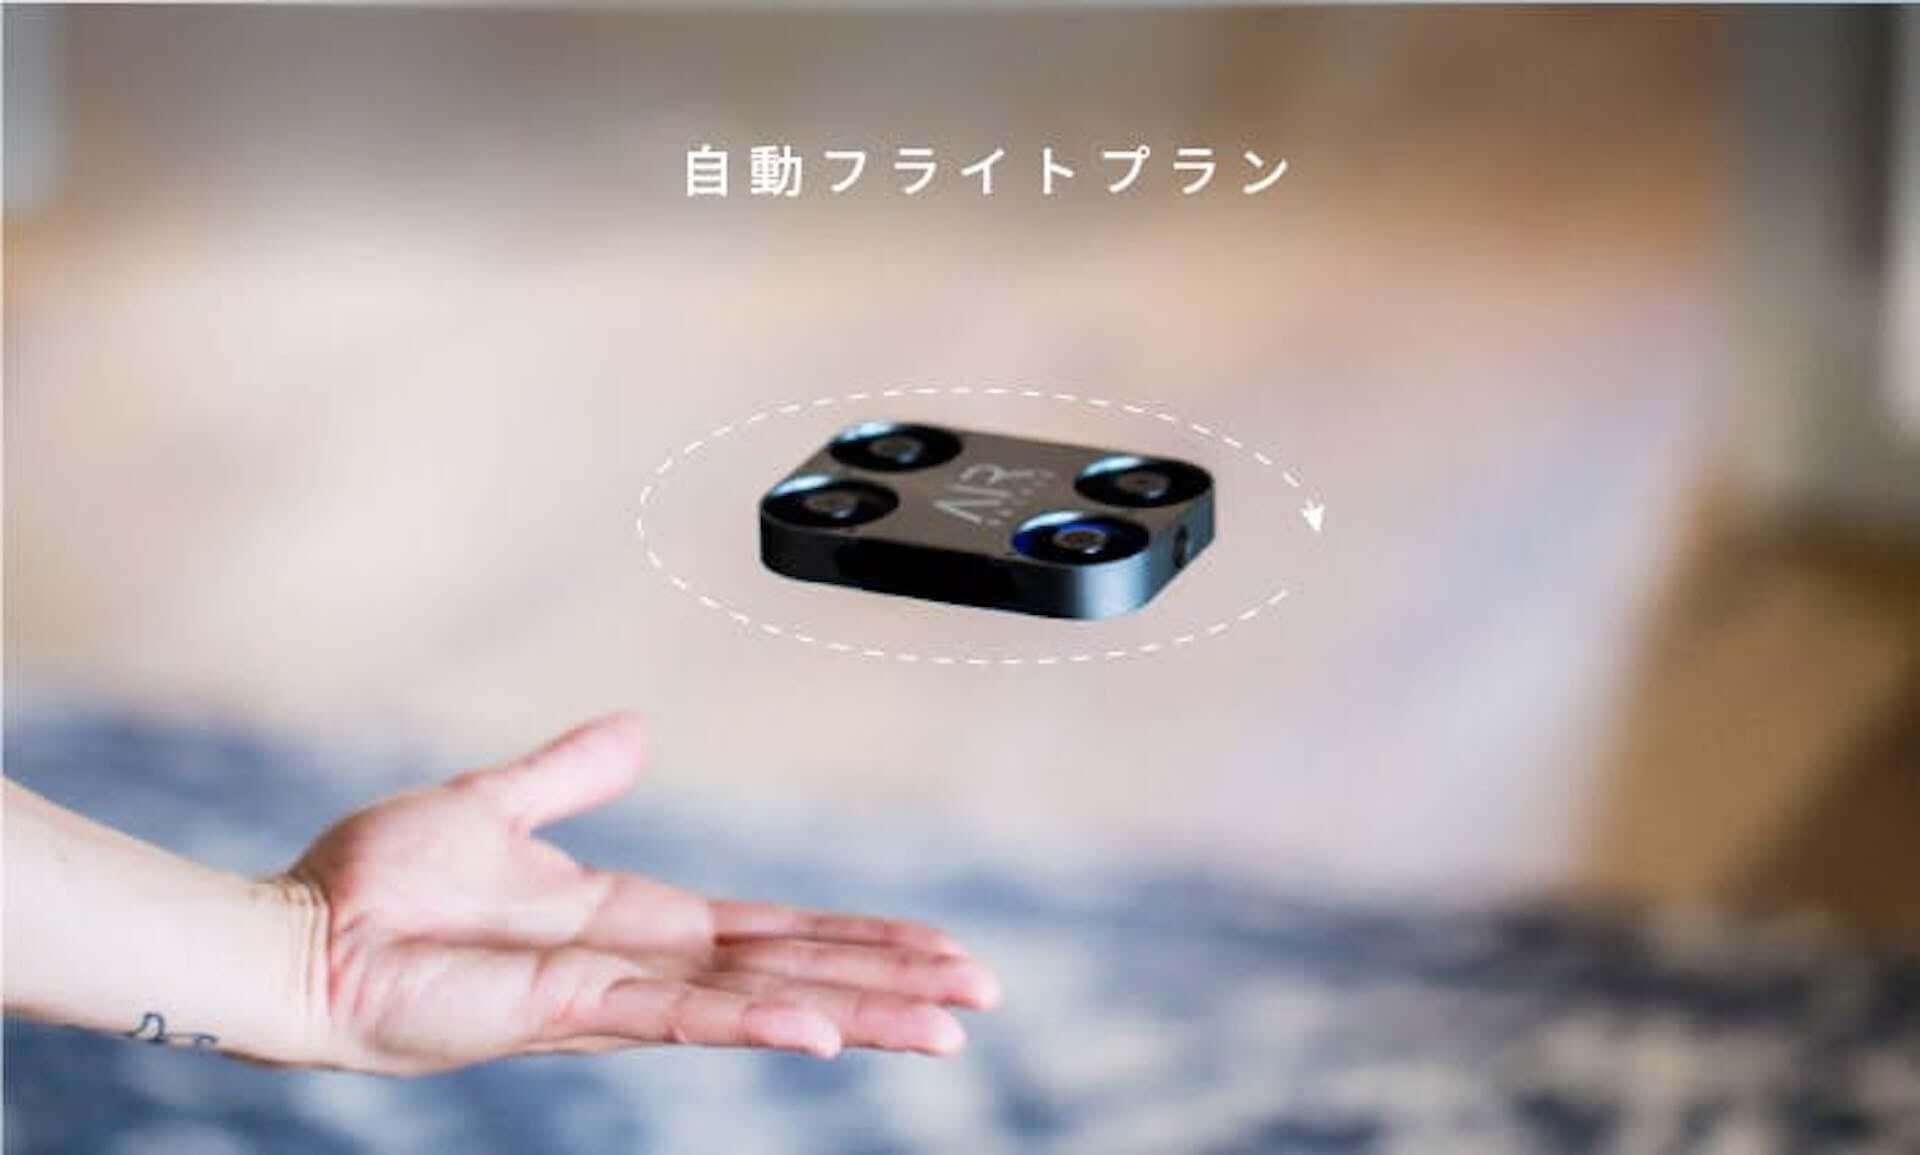 上空からSNS映え写真が撮れる、52gの超軽量・世界最小のセルフィードローン「AIR PIX」登場! technology190814airpix_6-1920x1155